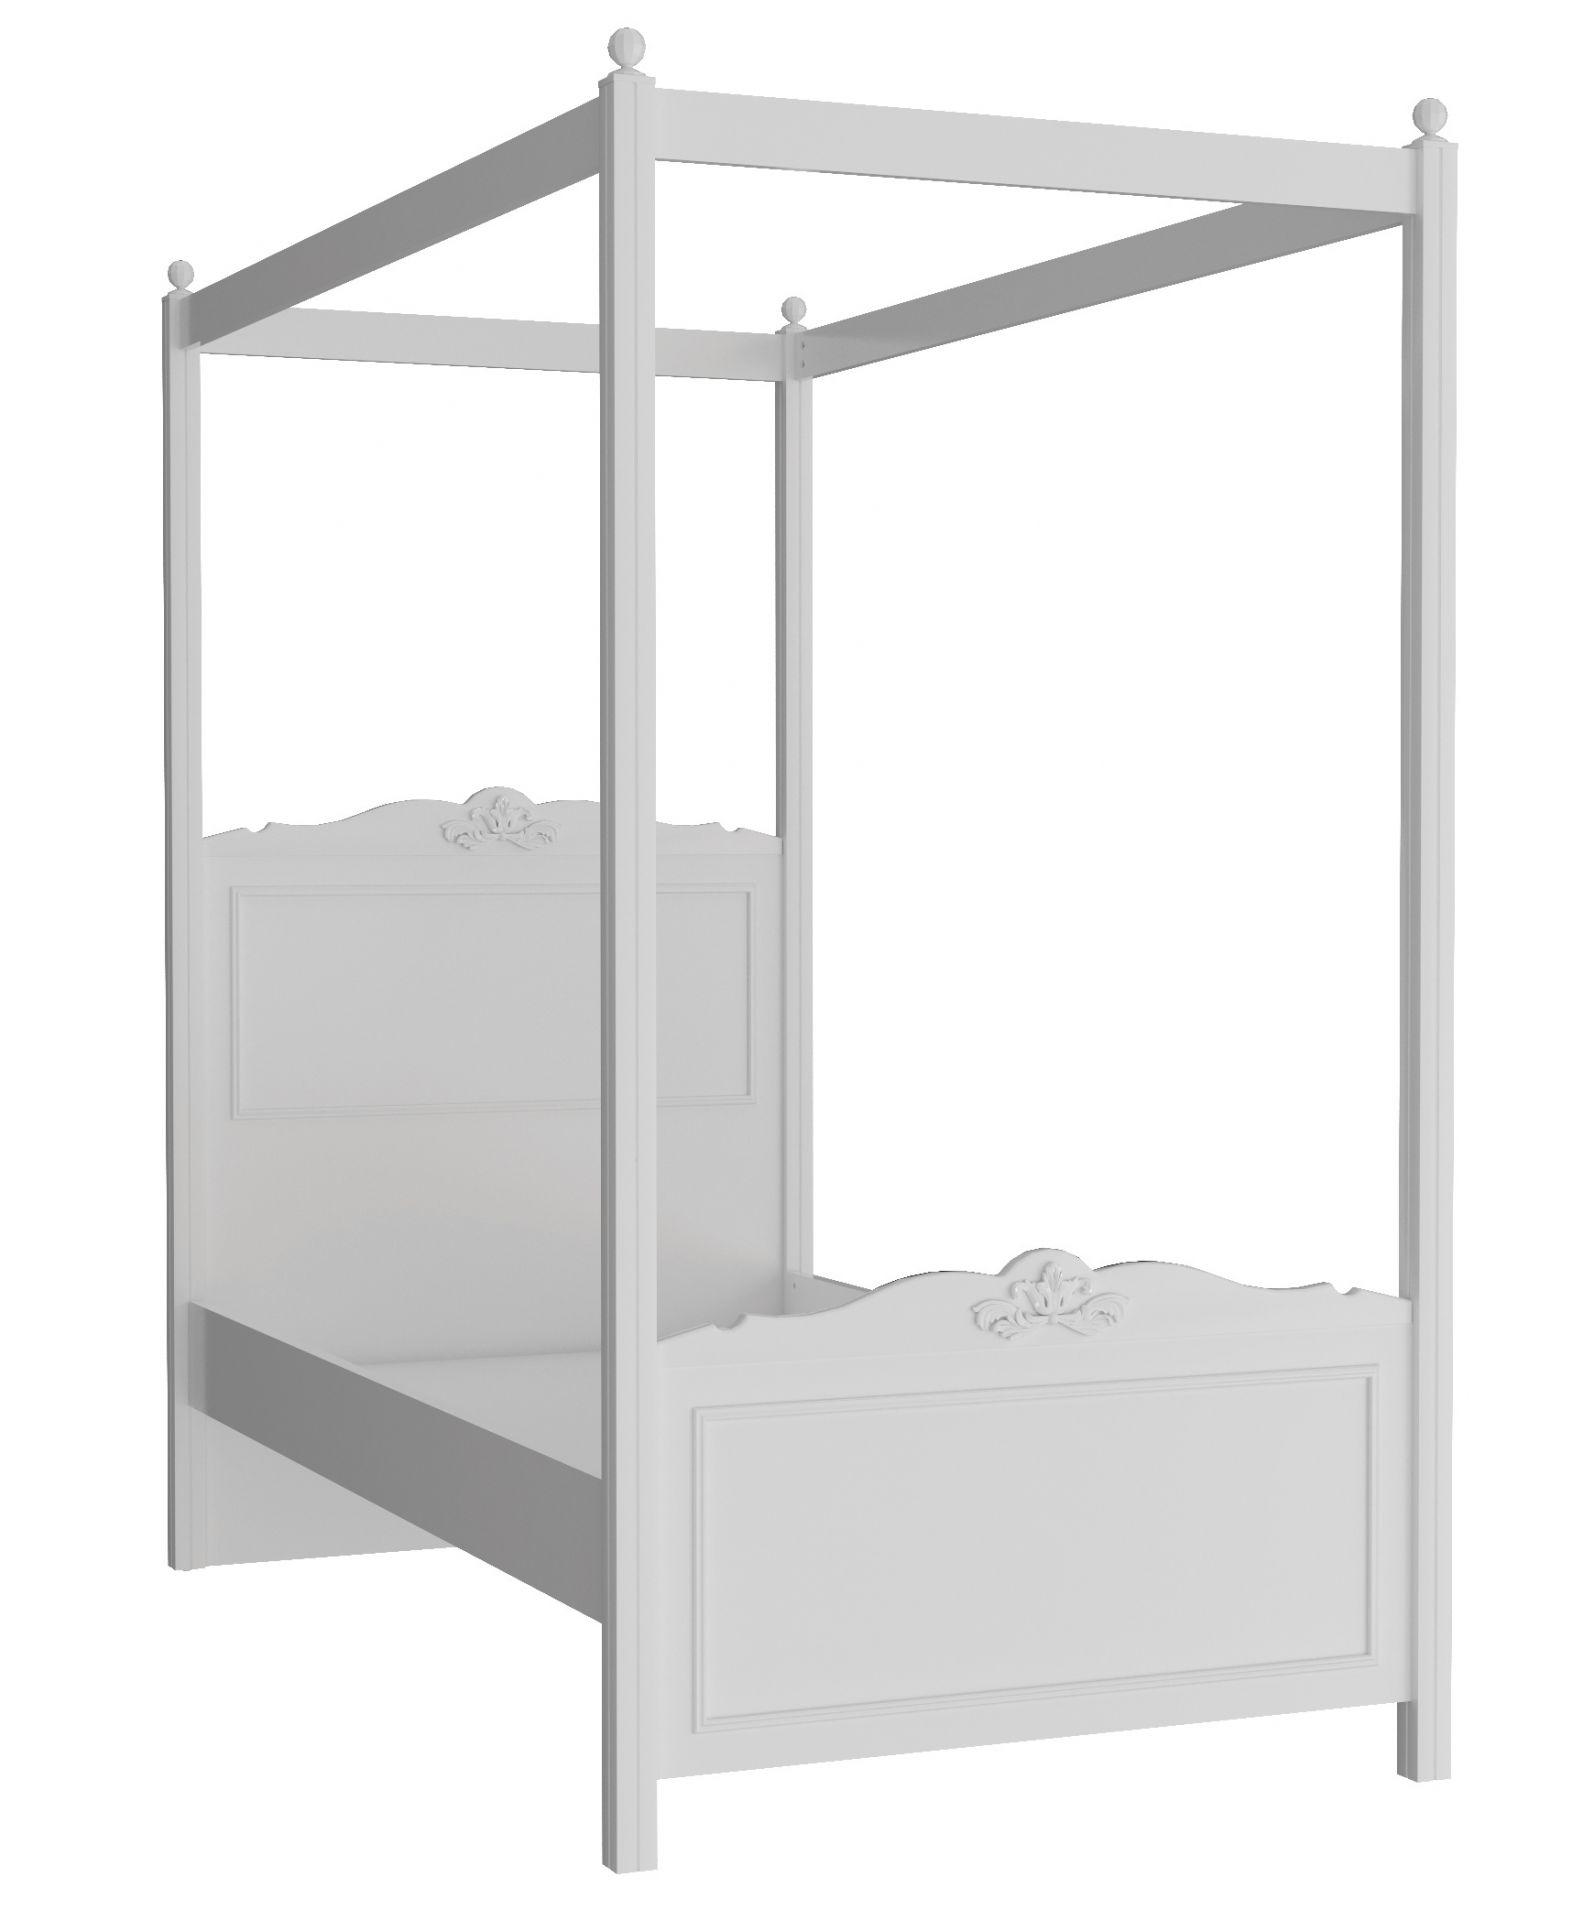 Almila Himmelbett Lana 3-teilig Weiß 100x200 cm